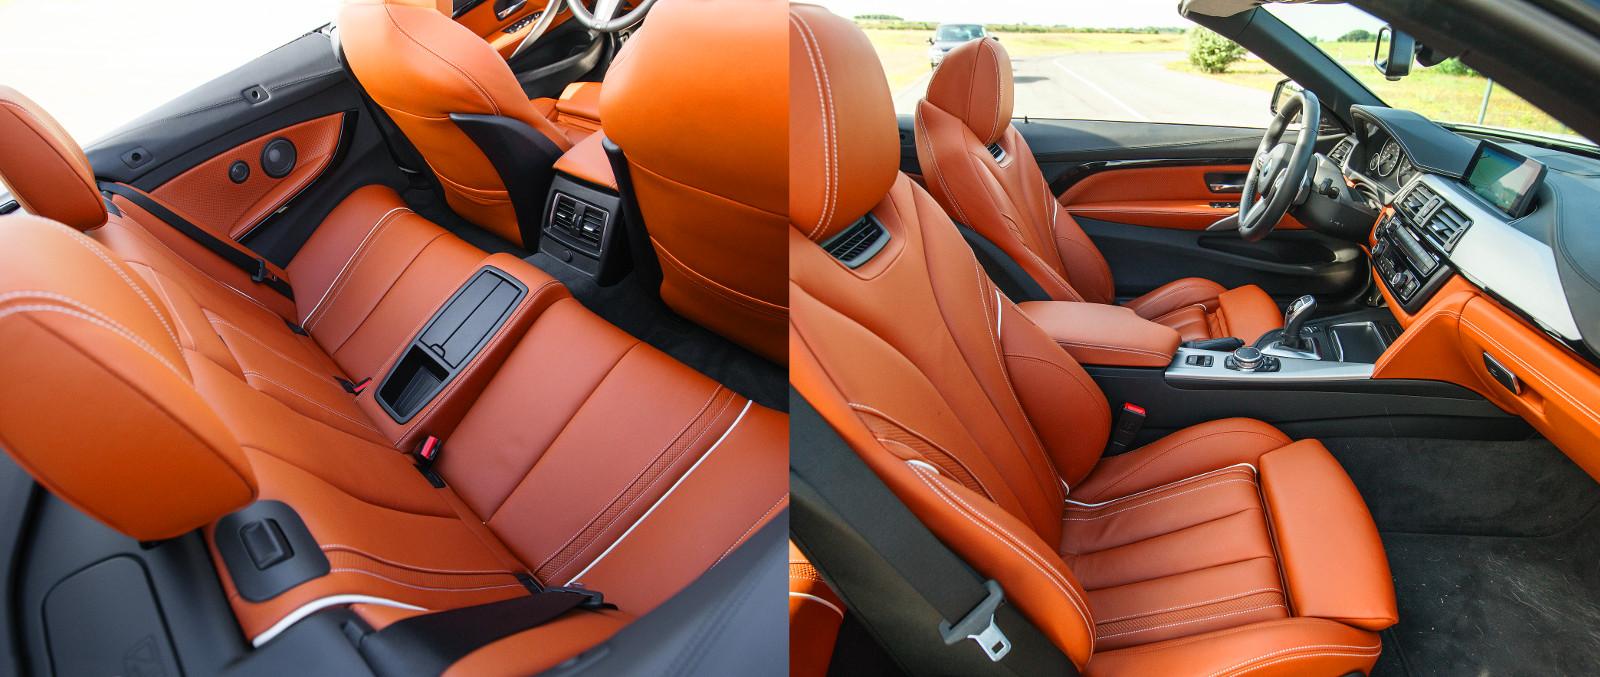 133 100 Ft a nyakfűtés felára. A klasszikus műszeregység és a vaskos kormány hozza a tipikus BMW-hangulatot. Hátul jelképes a hely. Fotó: Hilbert Péter